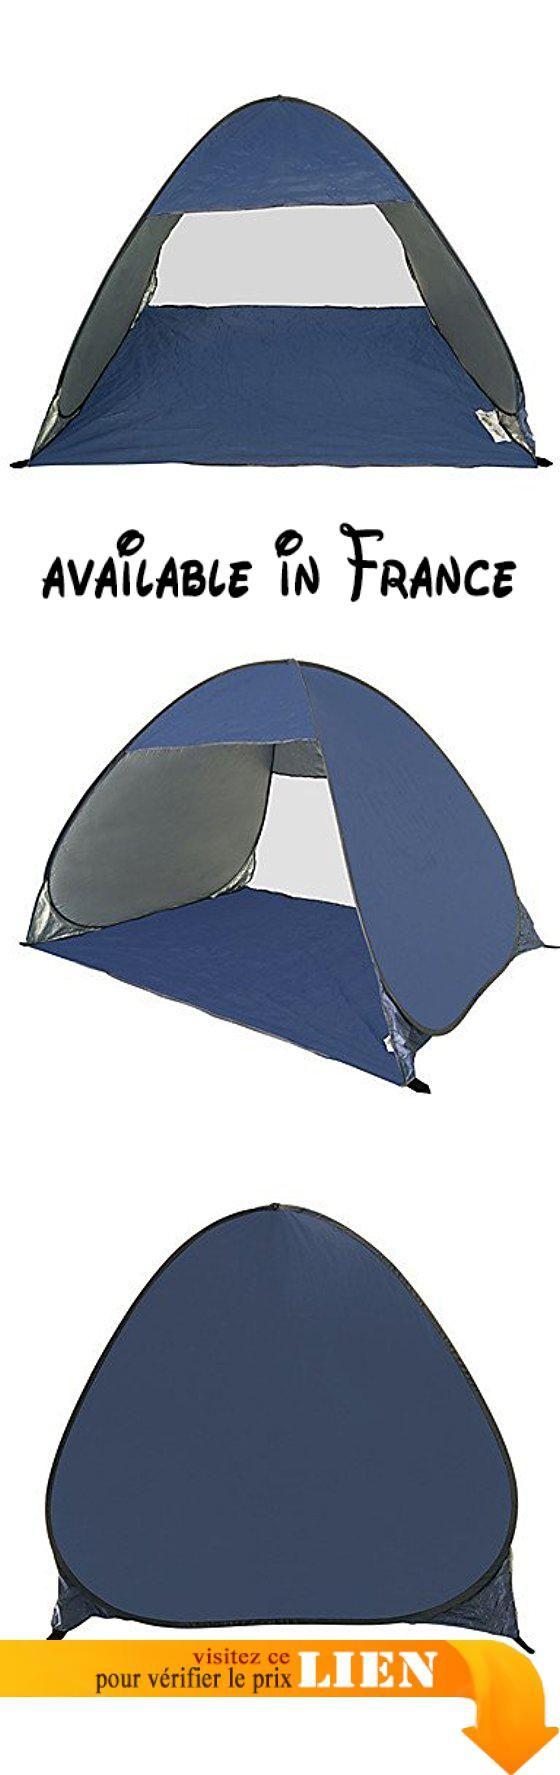 B075ZQRQZK : BUSL 2 personnes Tente Unique Tente automatique Une pièce Tente de camping Acier inoxydable Portable-Camping Voyage . blue. Convient pour une utilisation en plein air. Résistant au vent. étanche. chaud. bonne résistance au vent. Les accessoires sont complets. faciles à utiliser et installés. Stockage pliable. facile à transporter. Délai de livraison: 12-22 jours